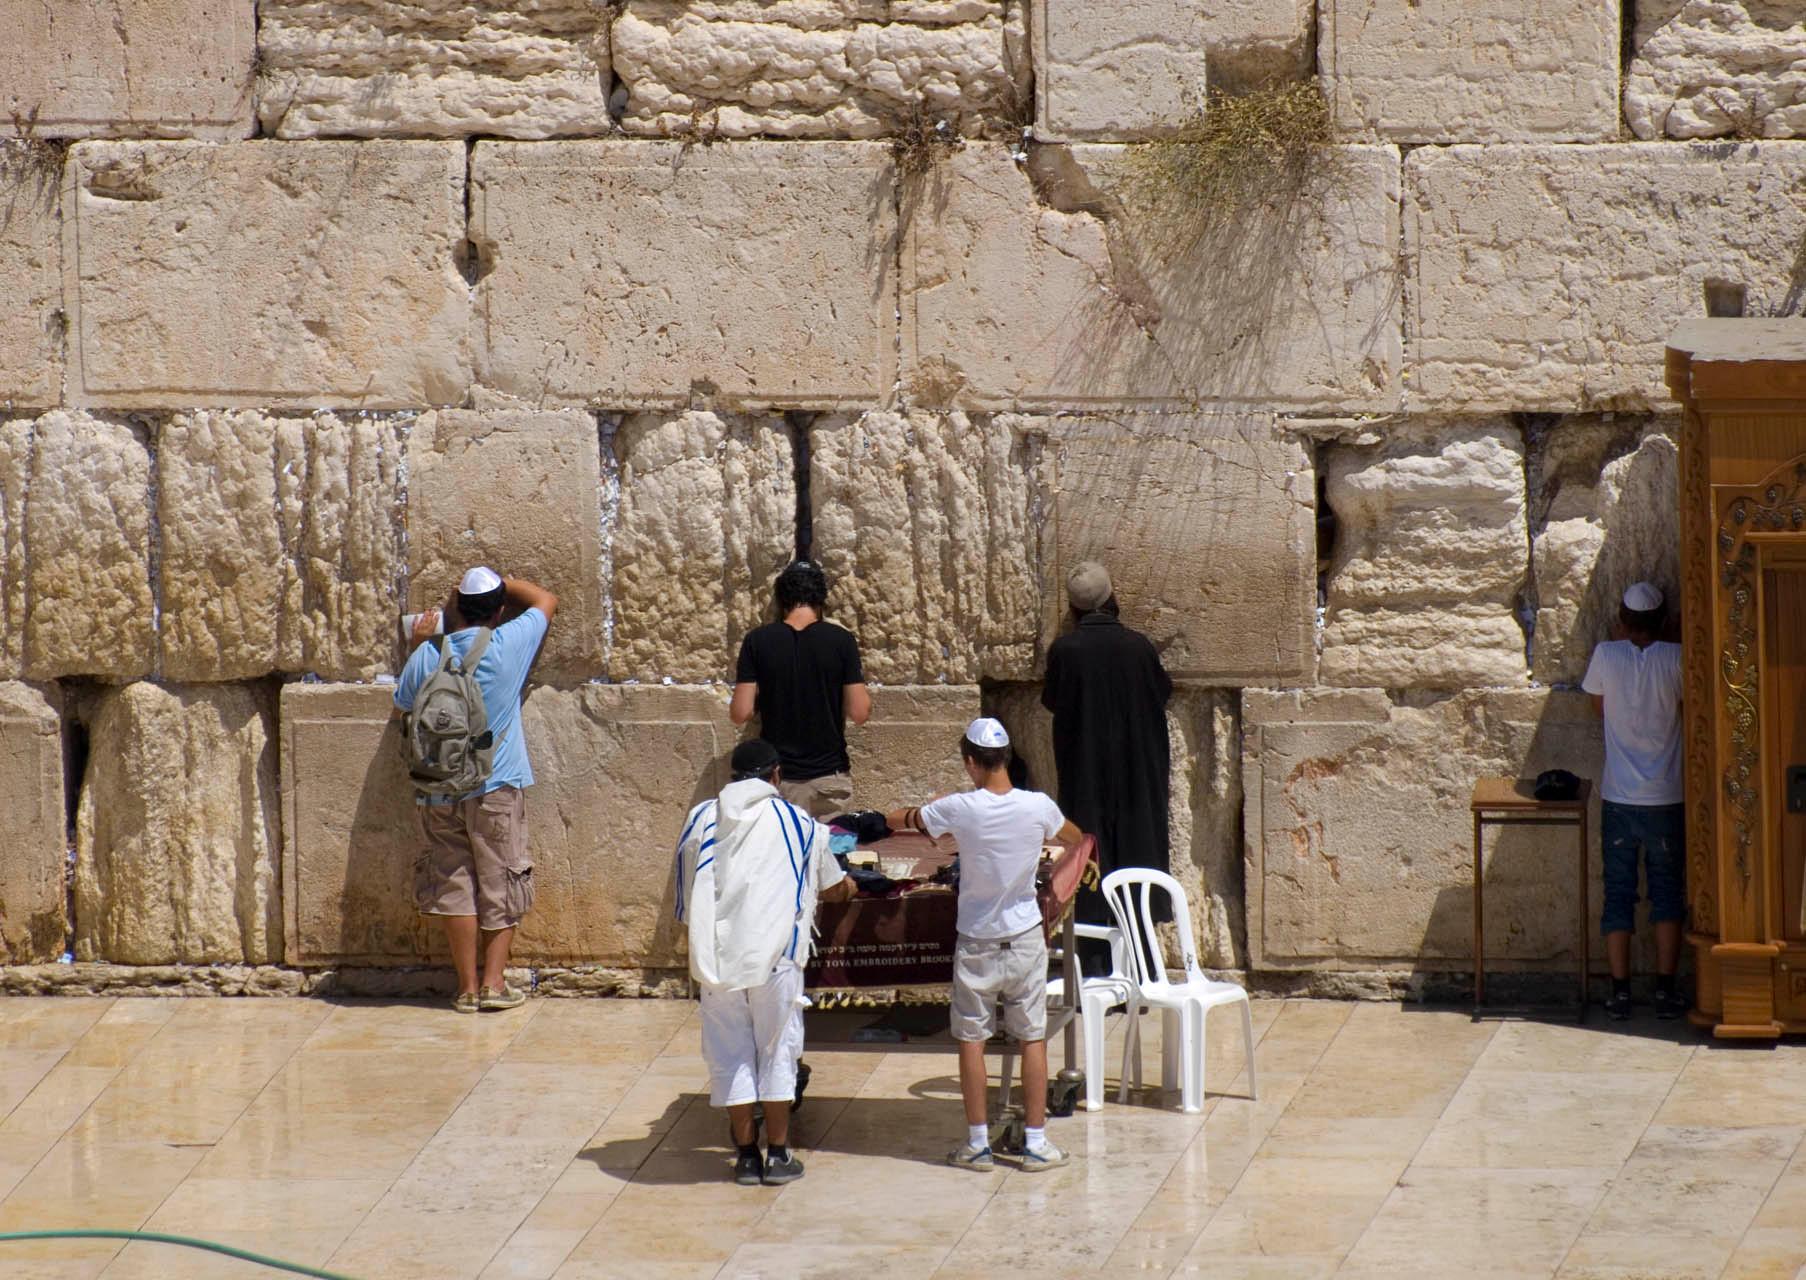 Jerusalem: Wailing wall